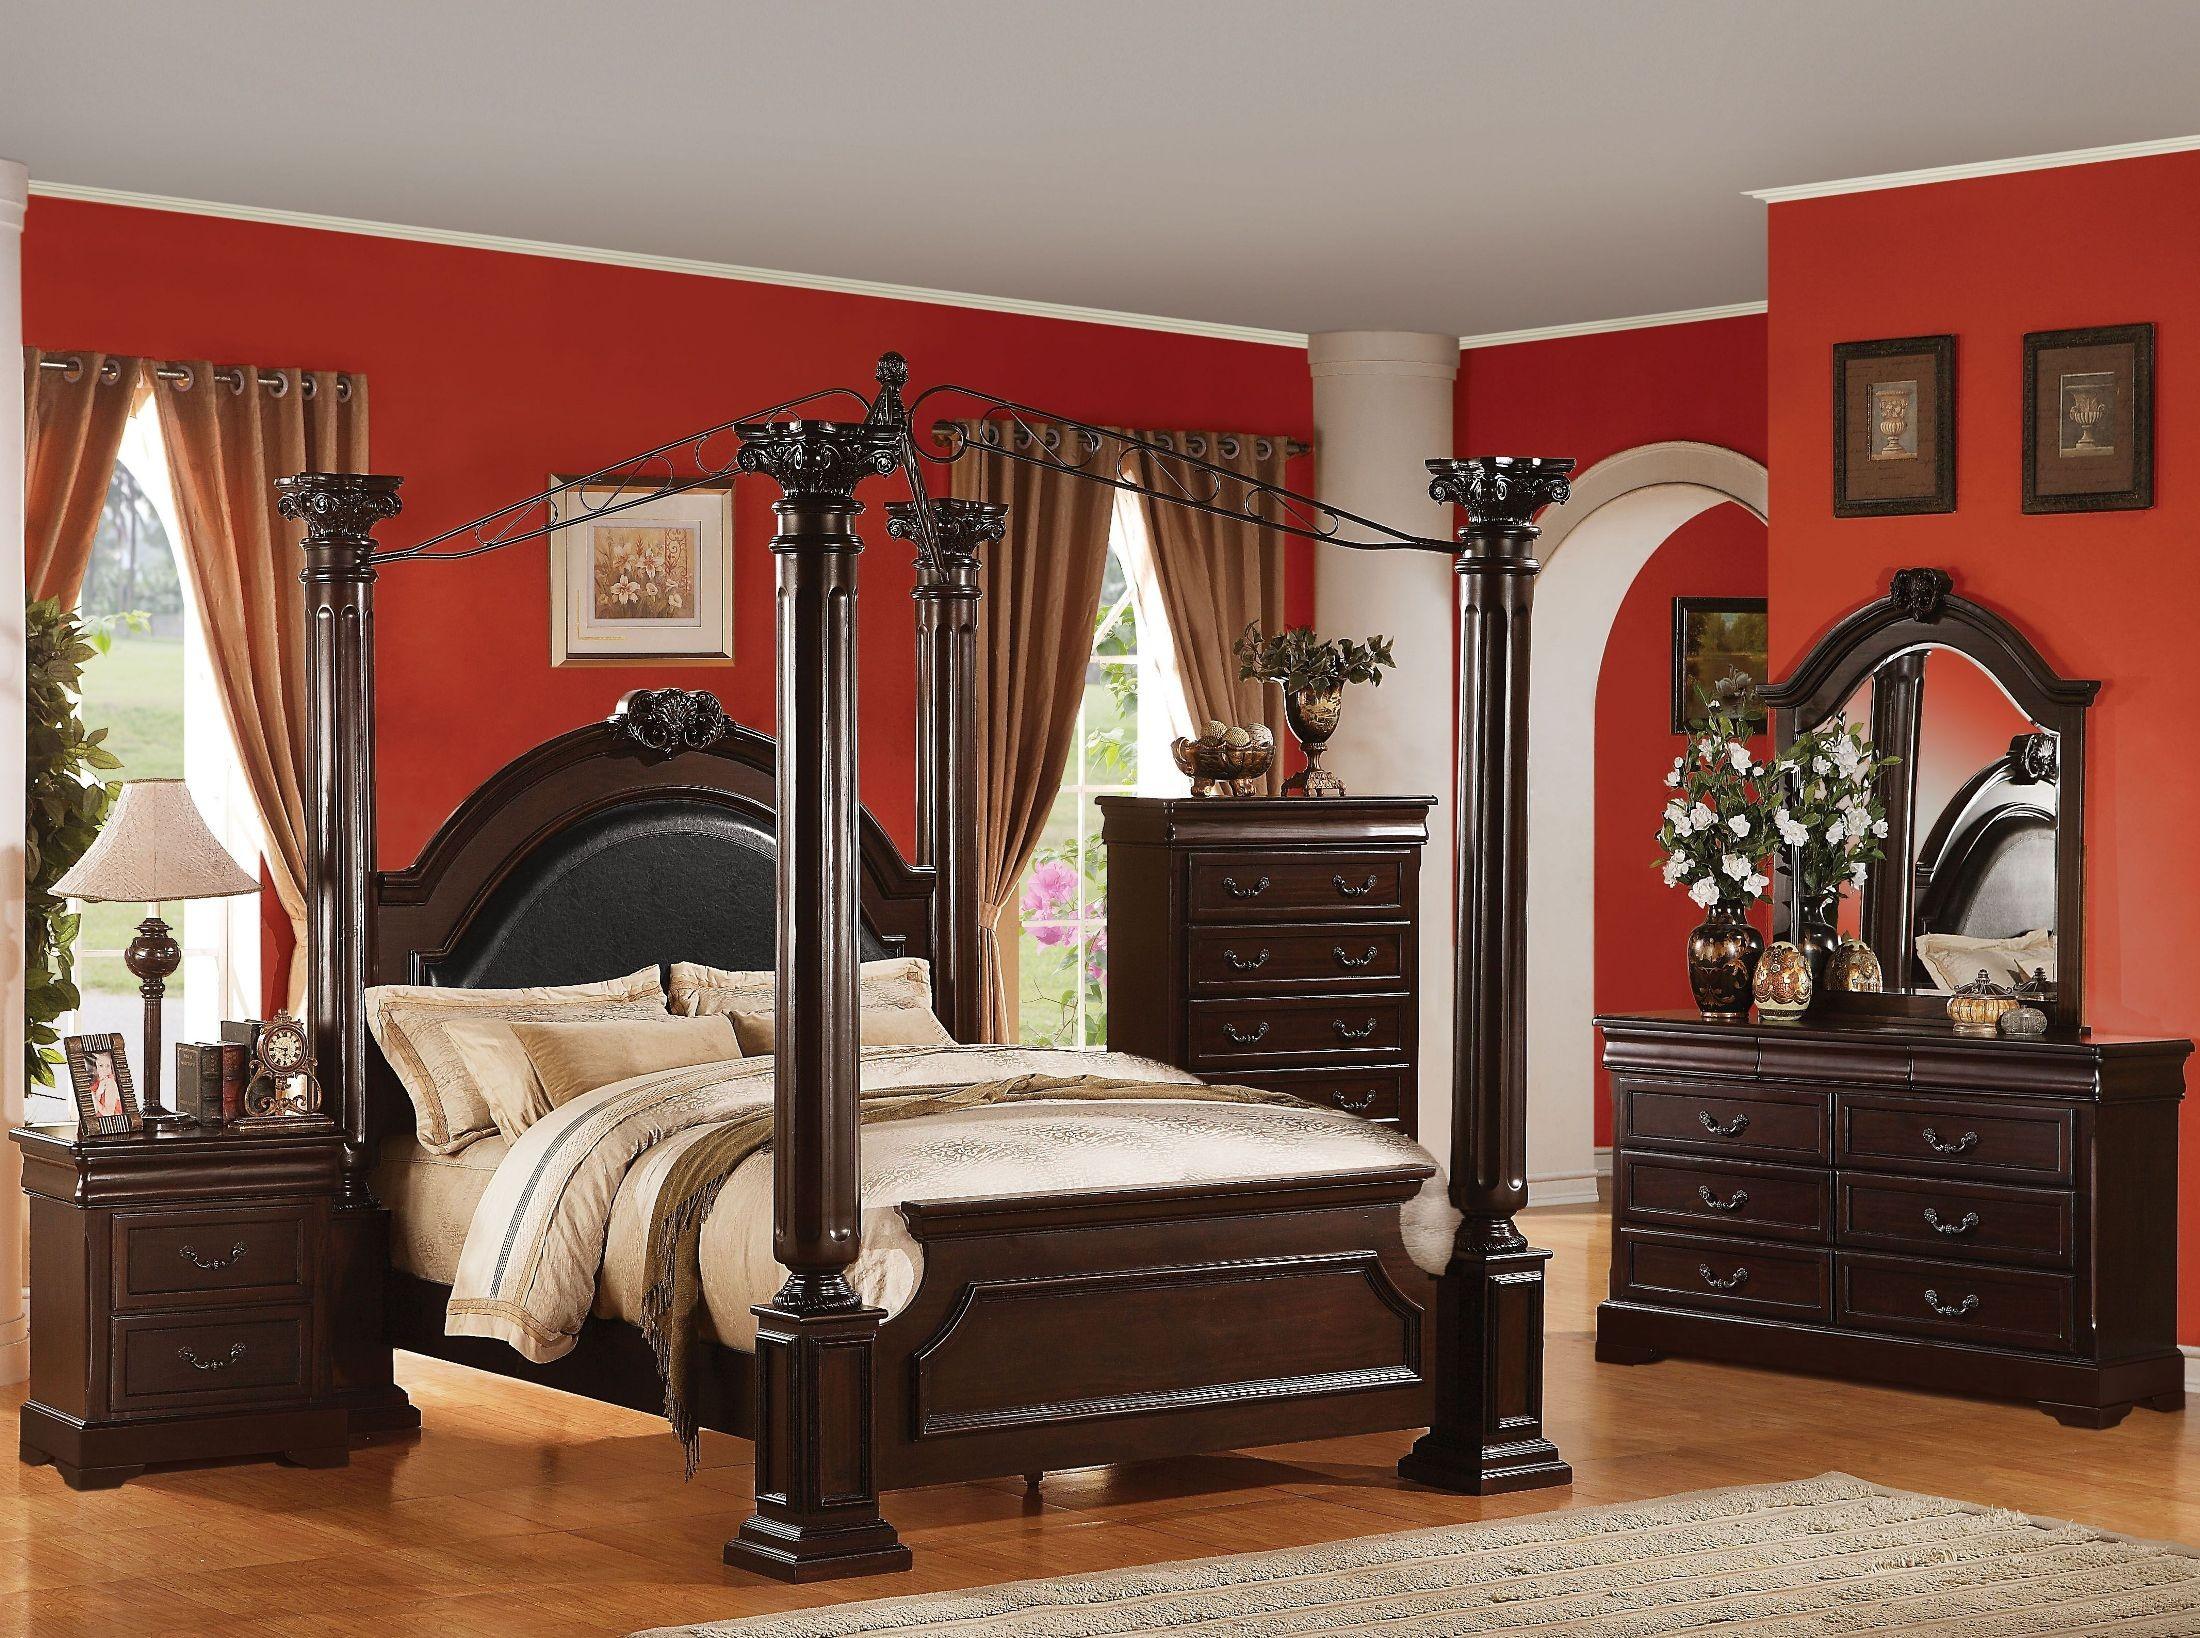 Furniture & More Roman Empire II Black